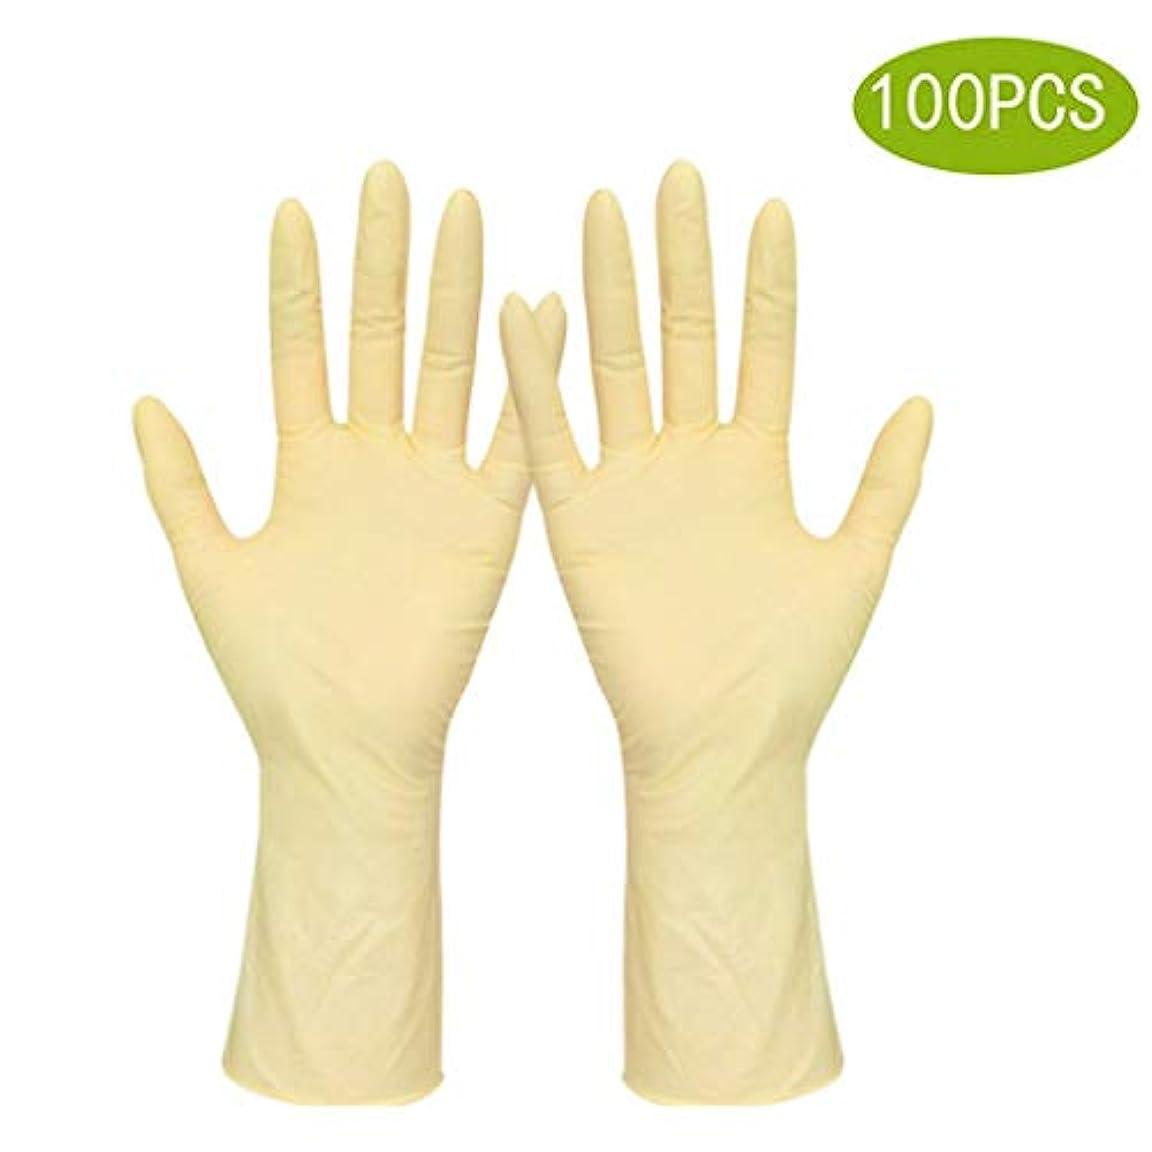 航空会社ディーラー悪意ラテックス手袋4ミル使い捨て手袋 - 試験グレード、パウダーフリー、テクスチャード加工、非滅菌、小、100個入り (Size : S)